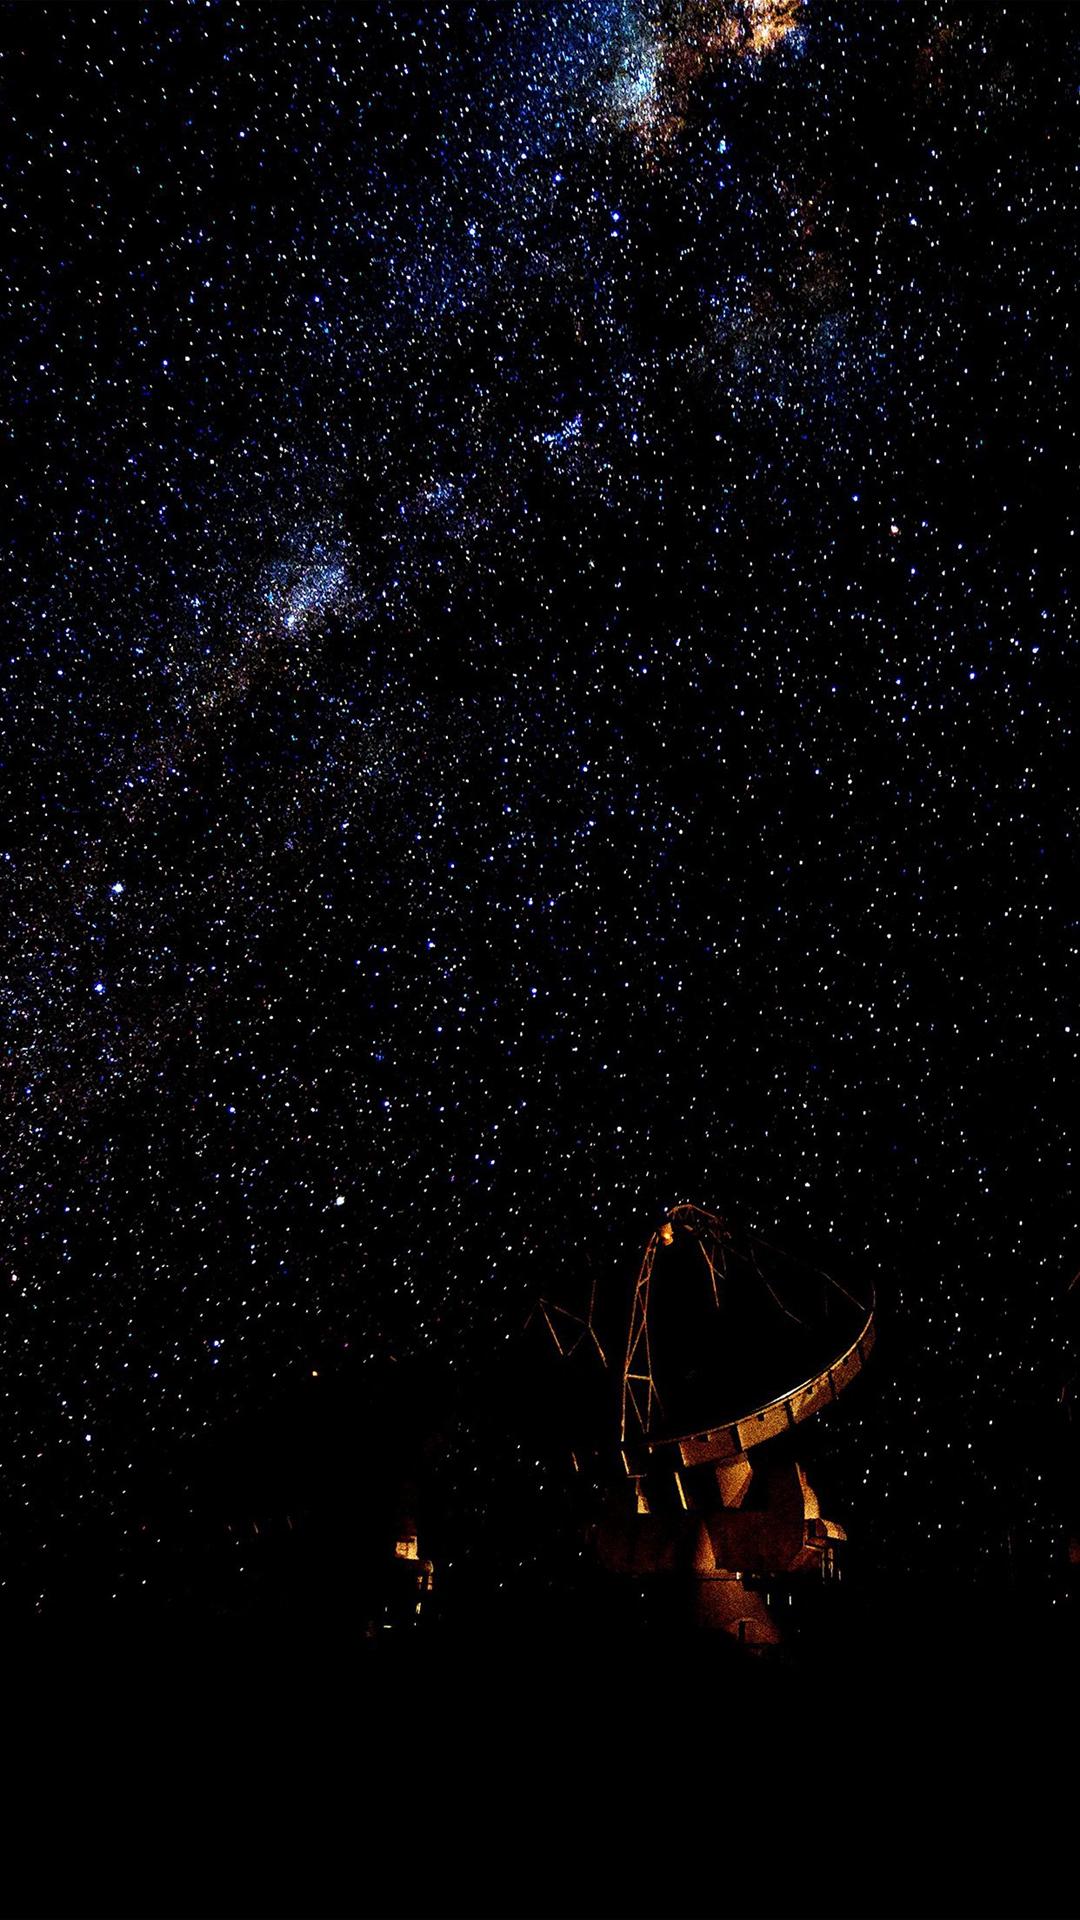 Space Dark Star Nature Black Sky iPhone 6 Wallpaper Download